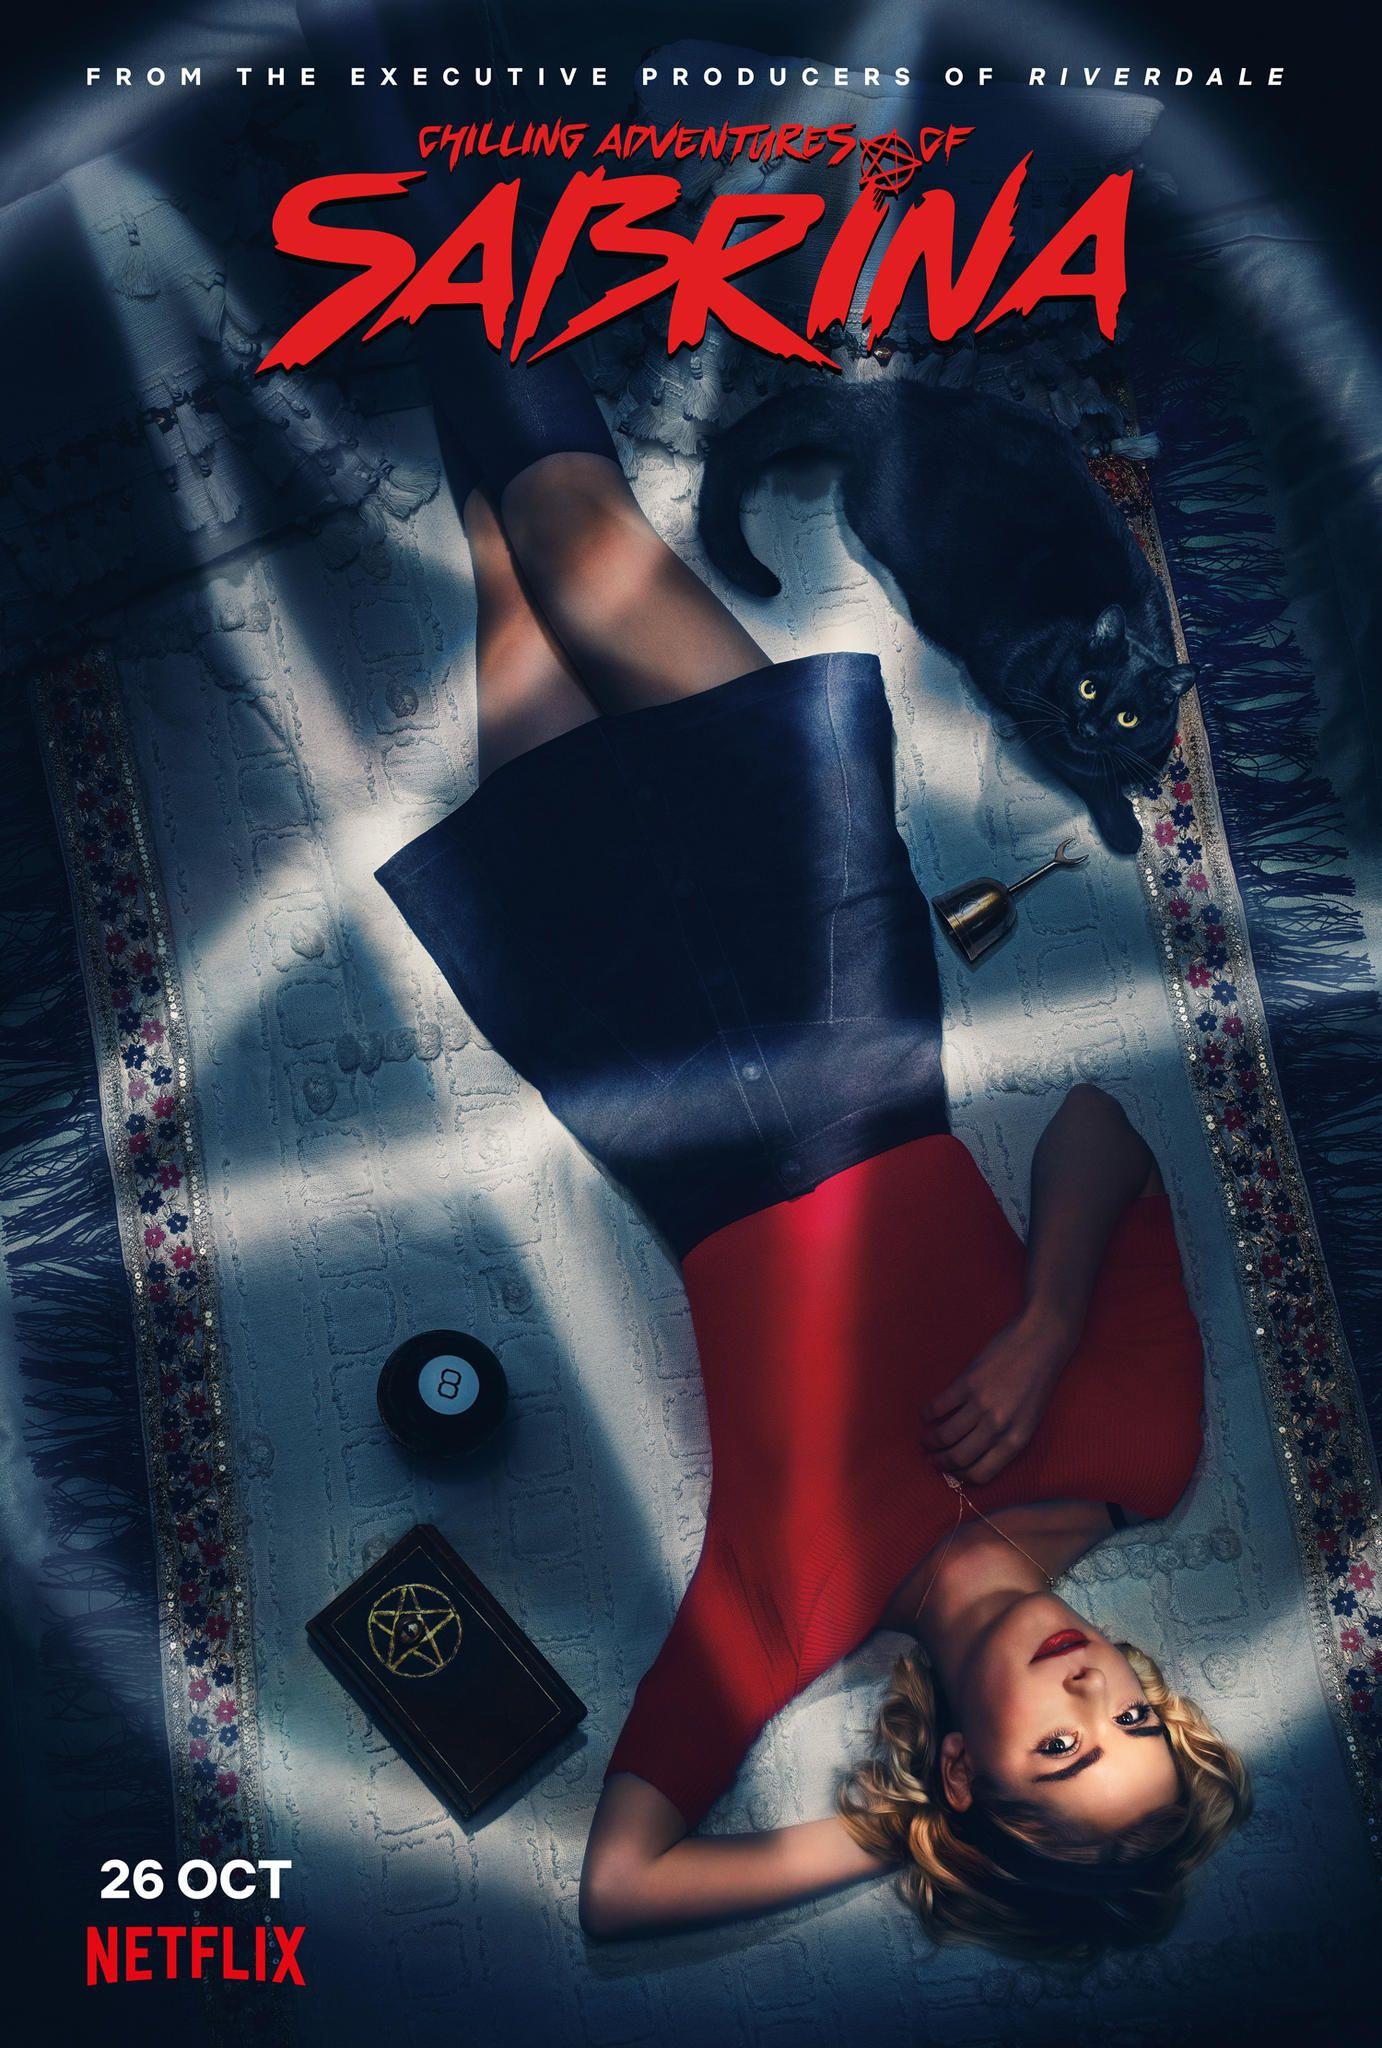 Chilling Adventures of Sabrina auf Netflix naht und hat ein neues Poster. #seriesonnetflix